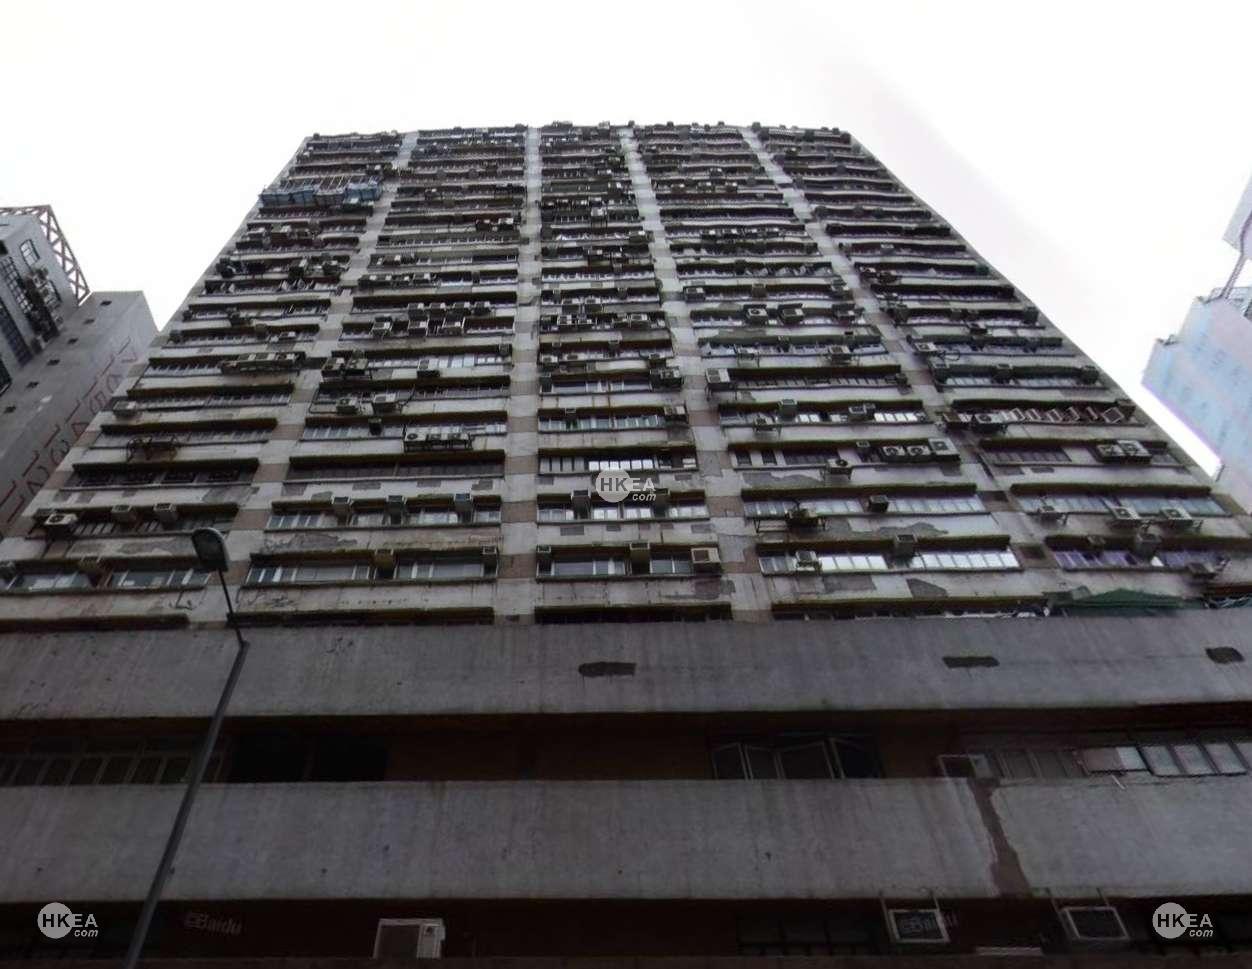 葵涌|工商舖|金基工業大廈|大連排道 35-41號